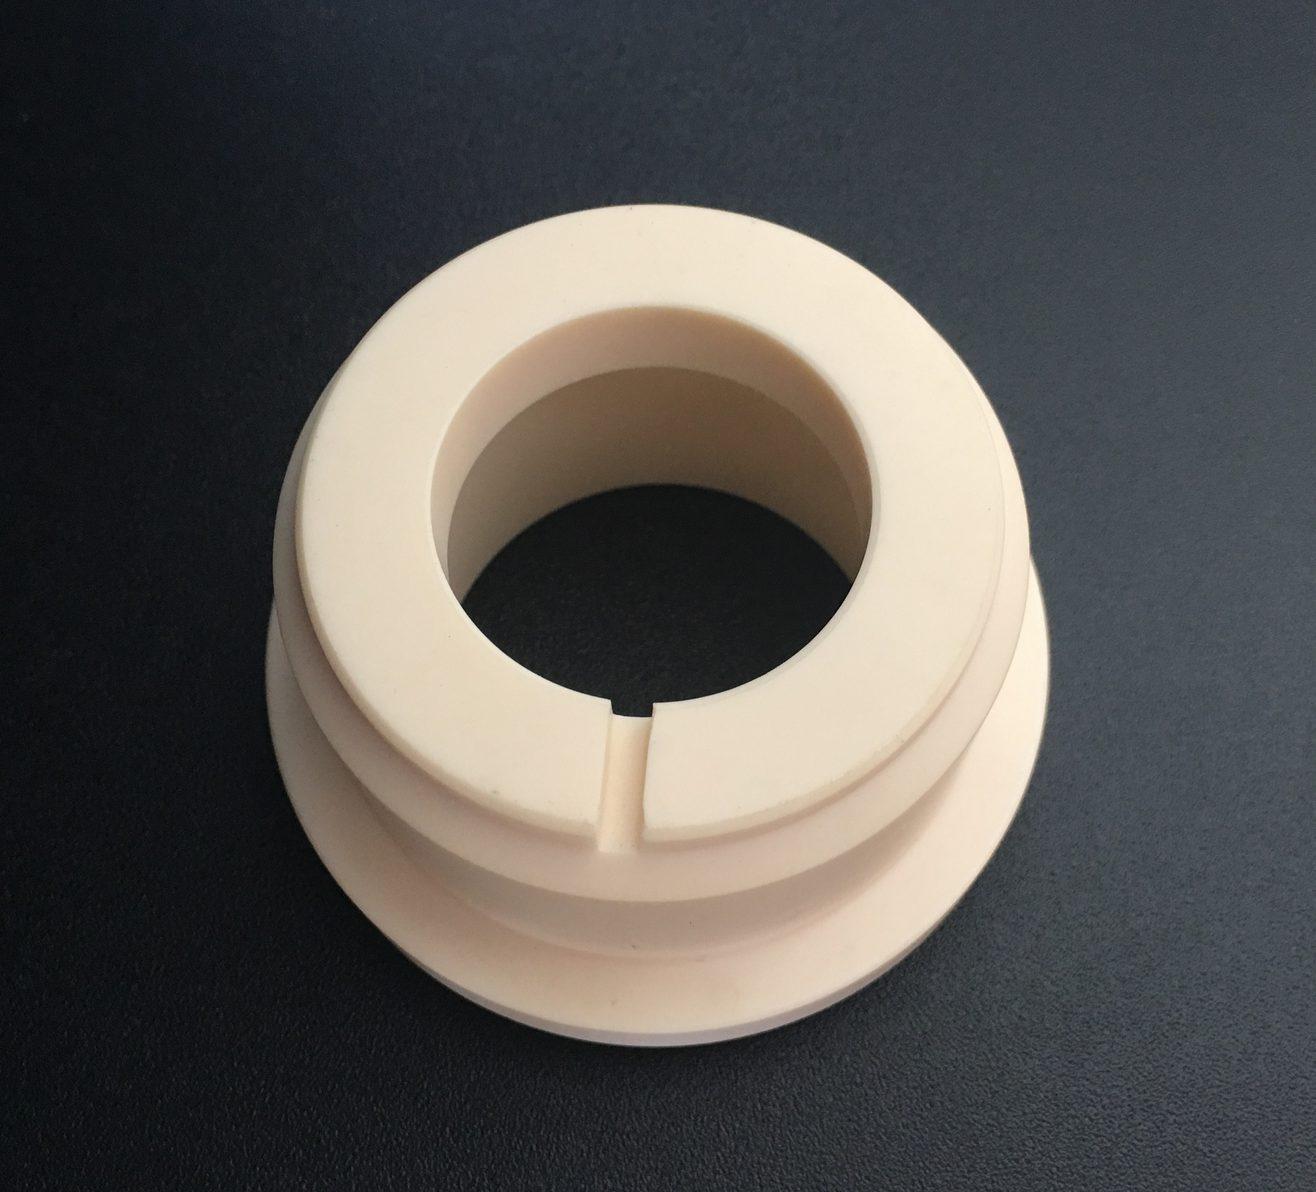 99%, 99.5% Alumina Seal Ring